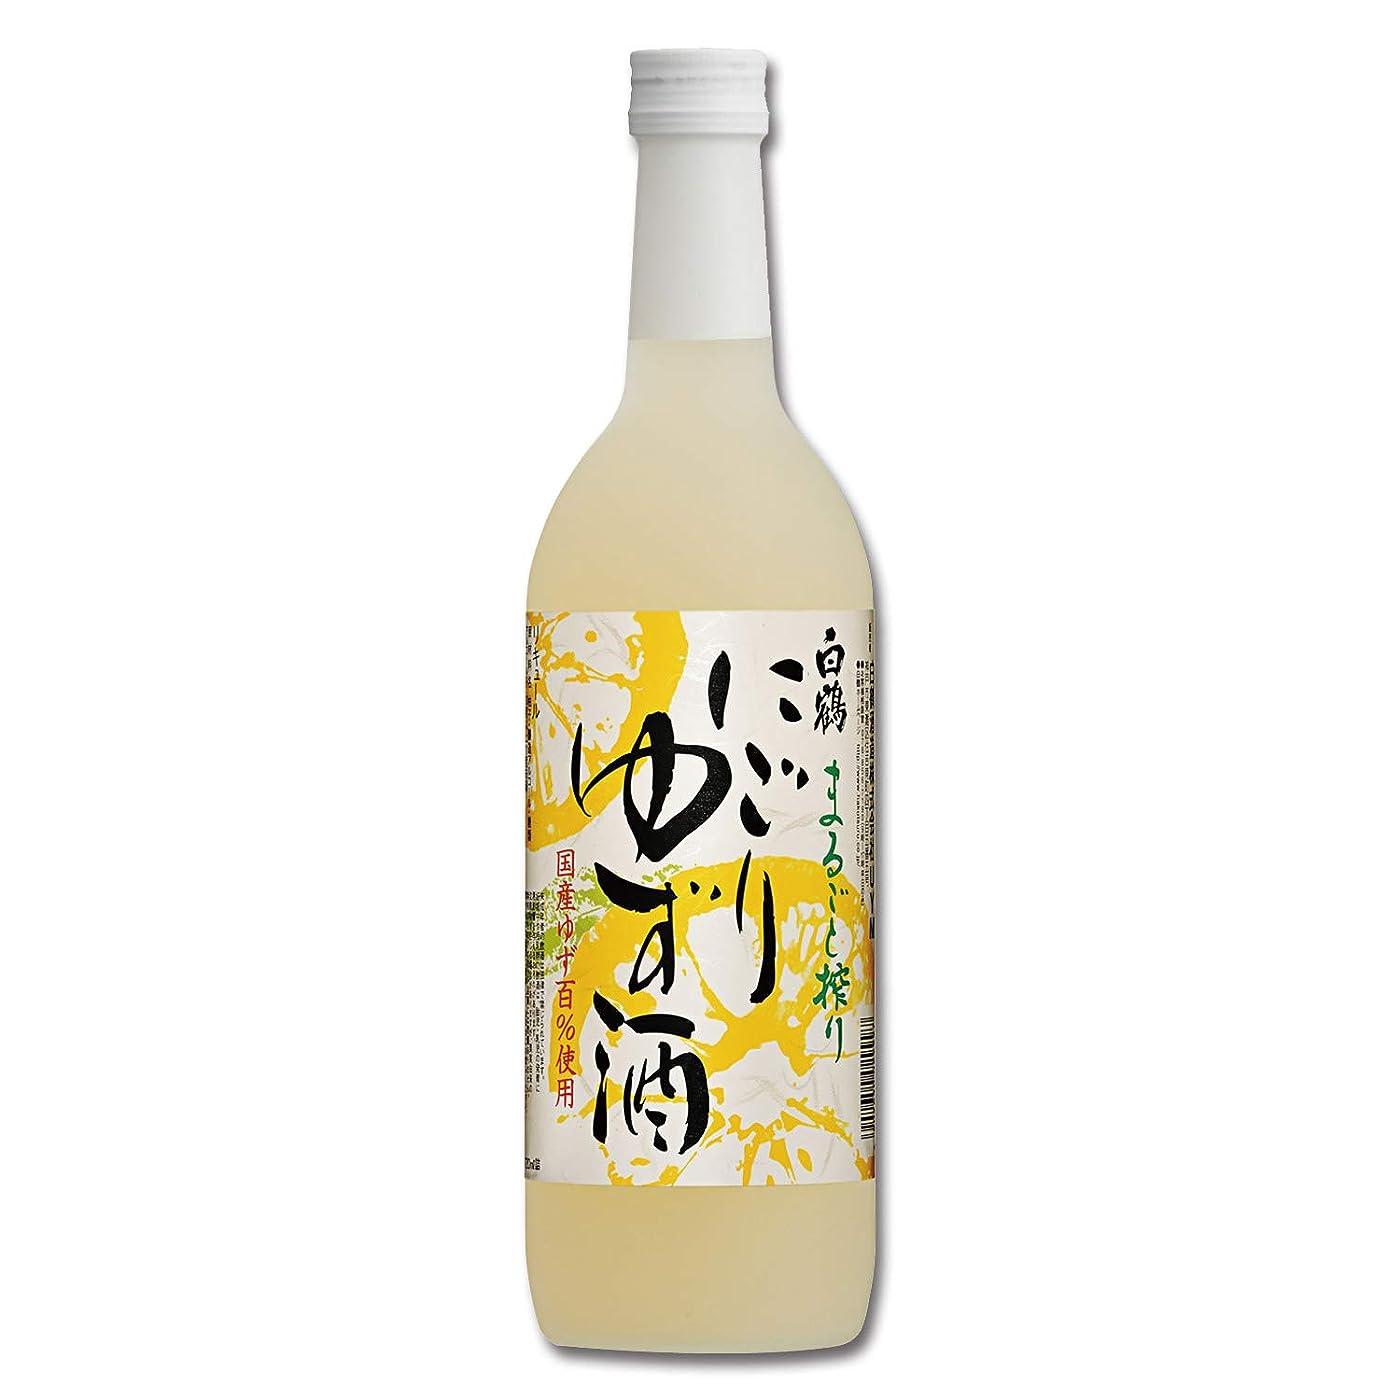 少し承認腰白鶴 まるごと搾り にごりゆず酒 [ リキュール 720ml ]